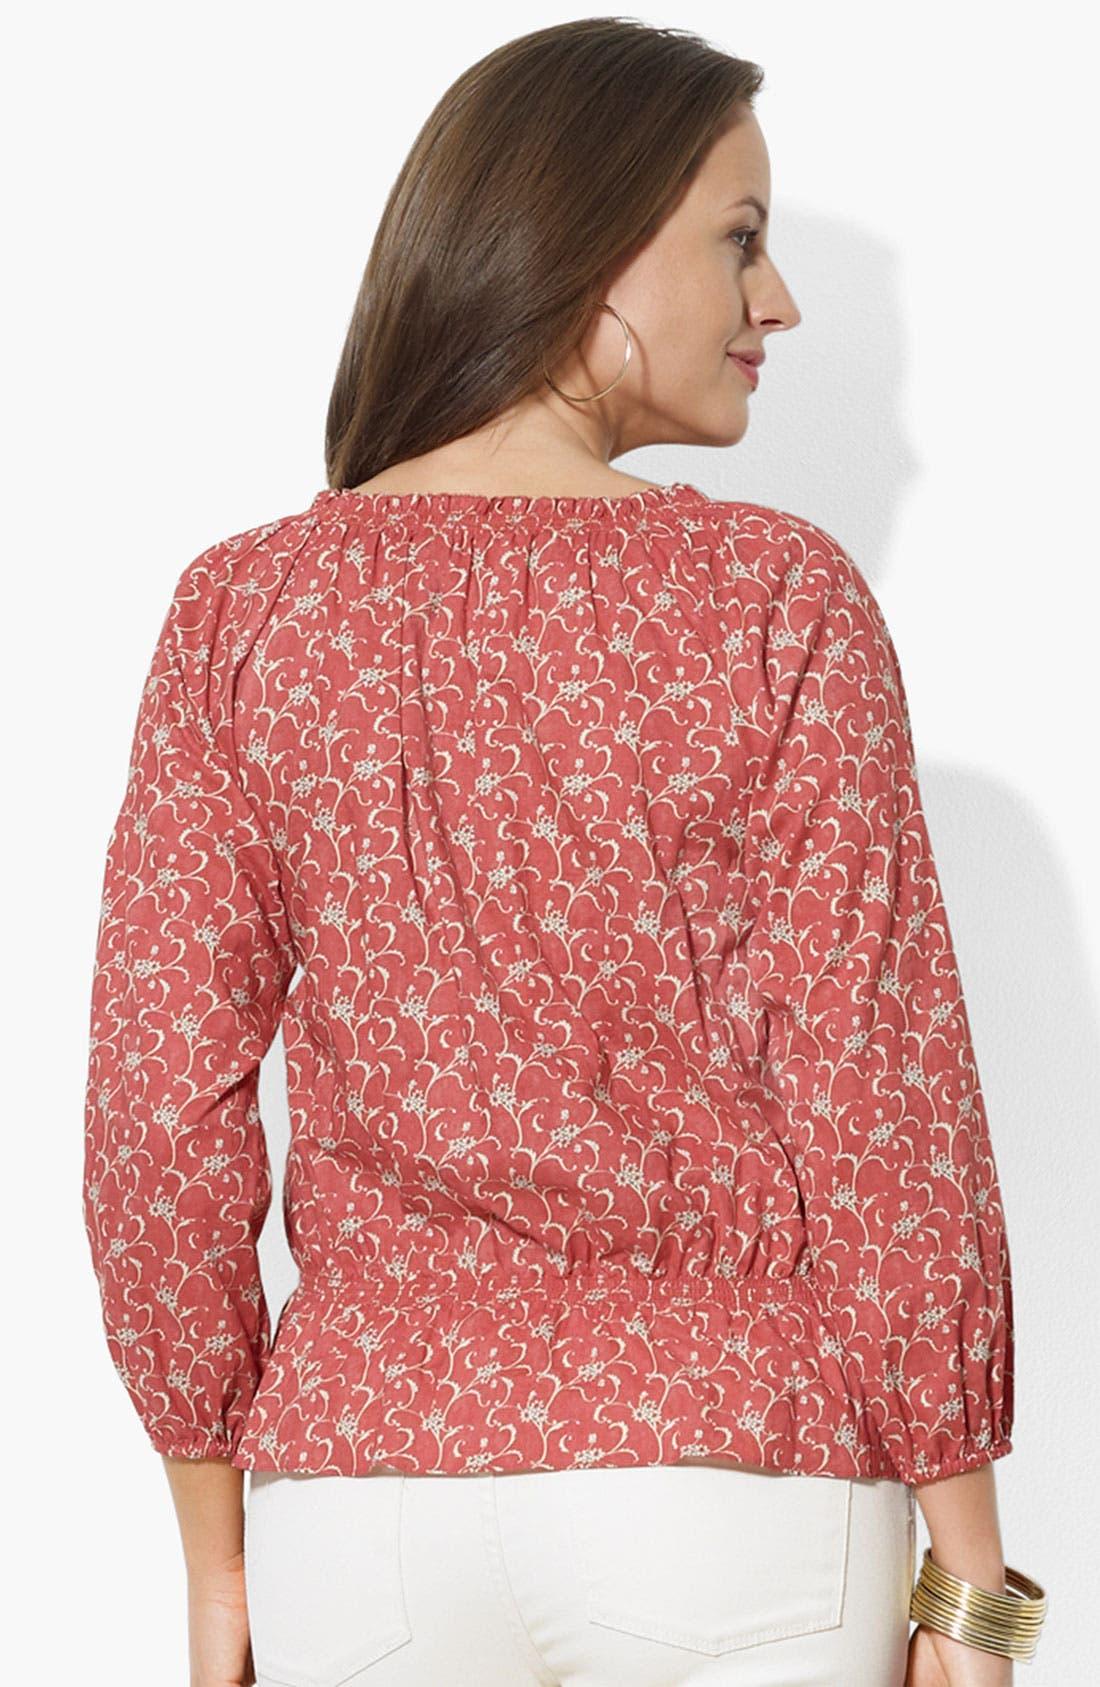 Alternate Image 2  - Lauren Ralph Lauren Print Lace Up Peasant Top (Plus Size)